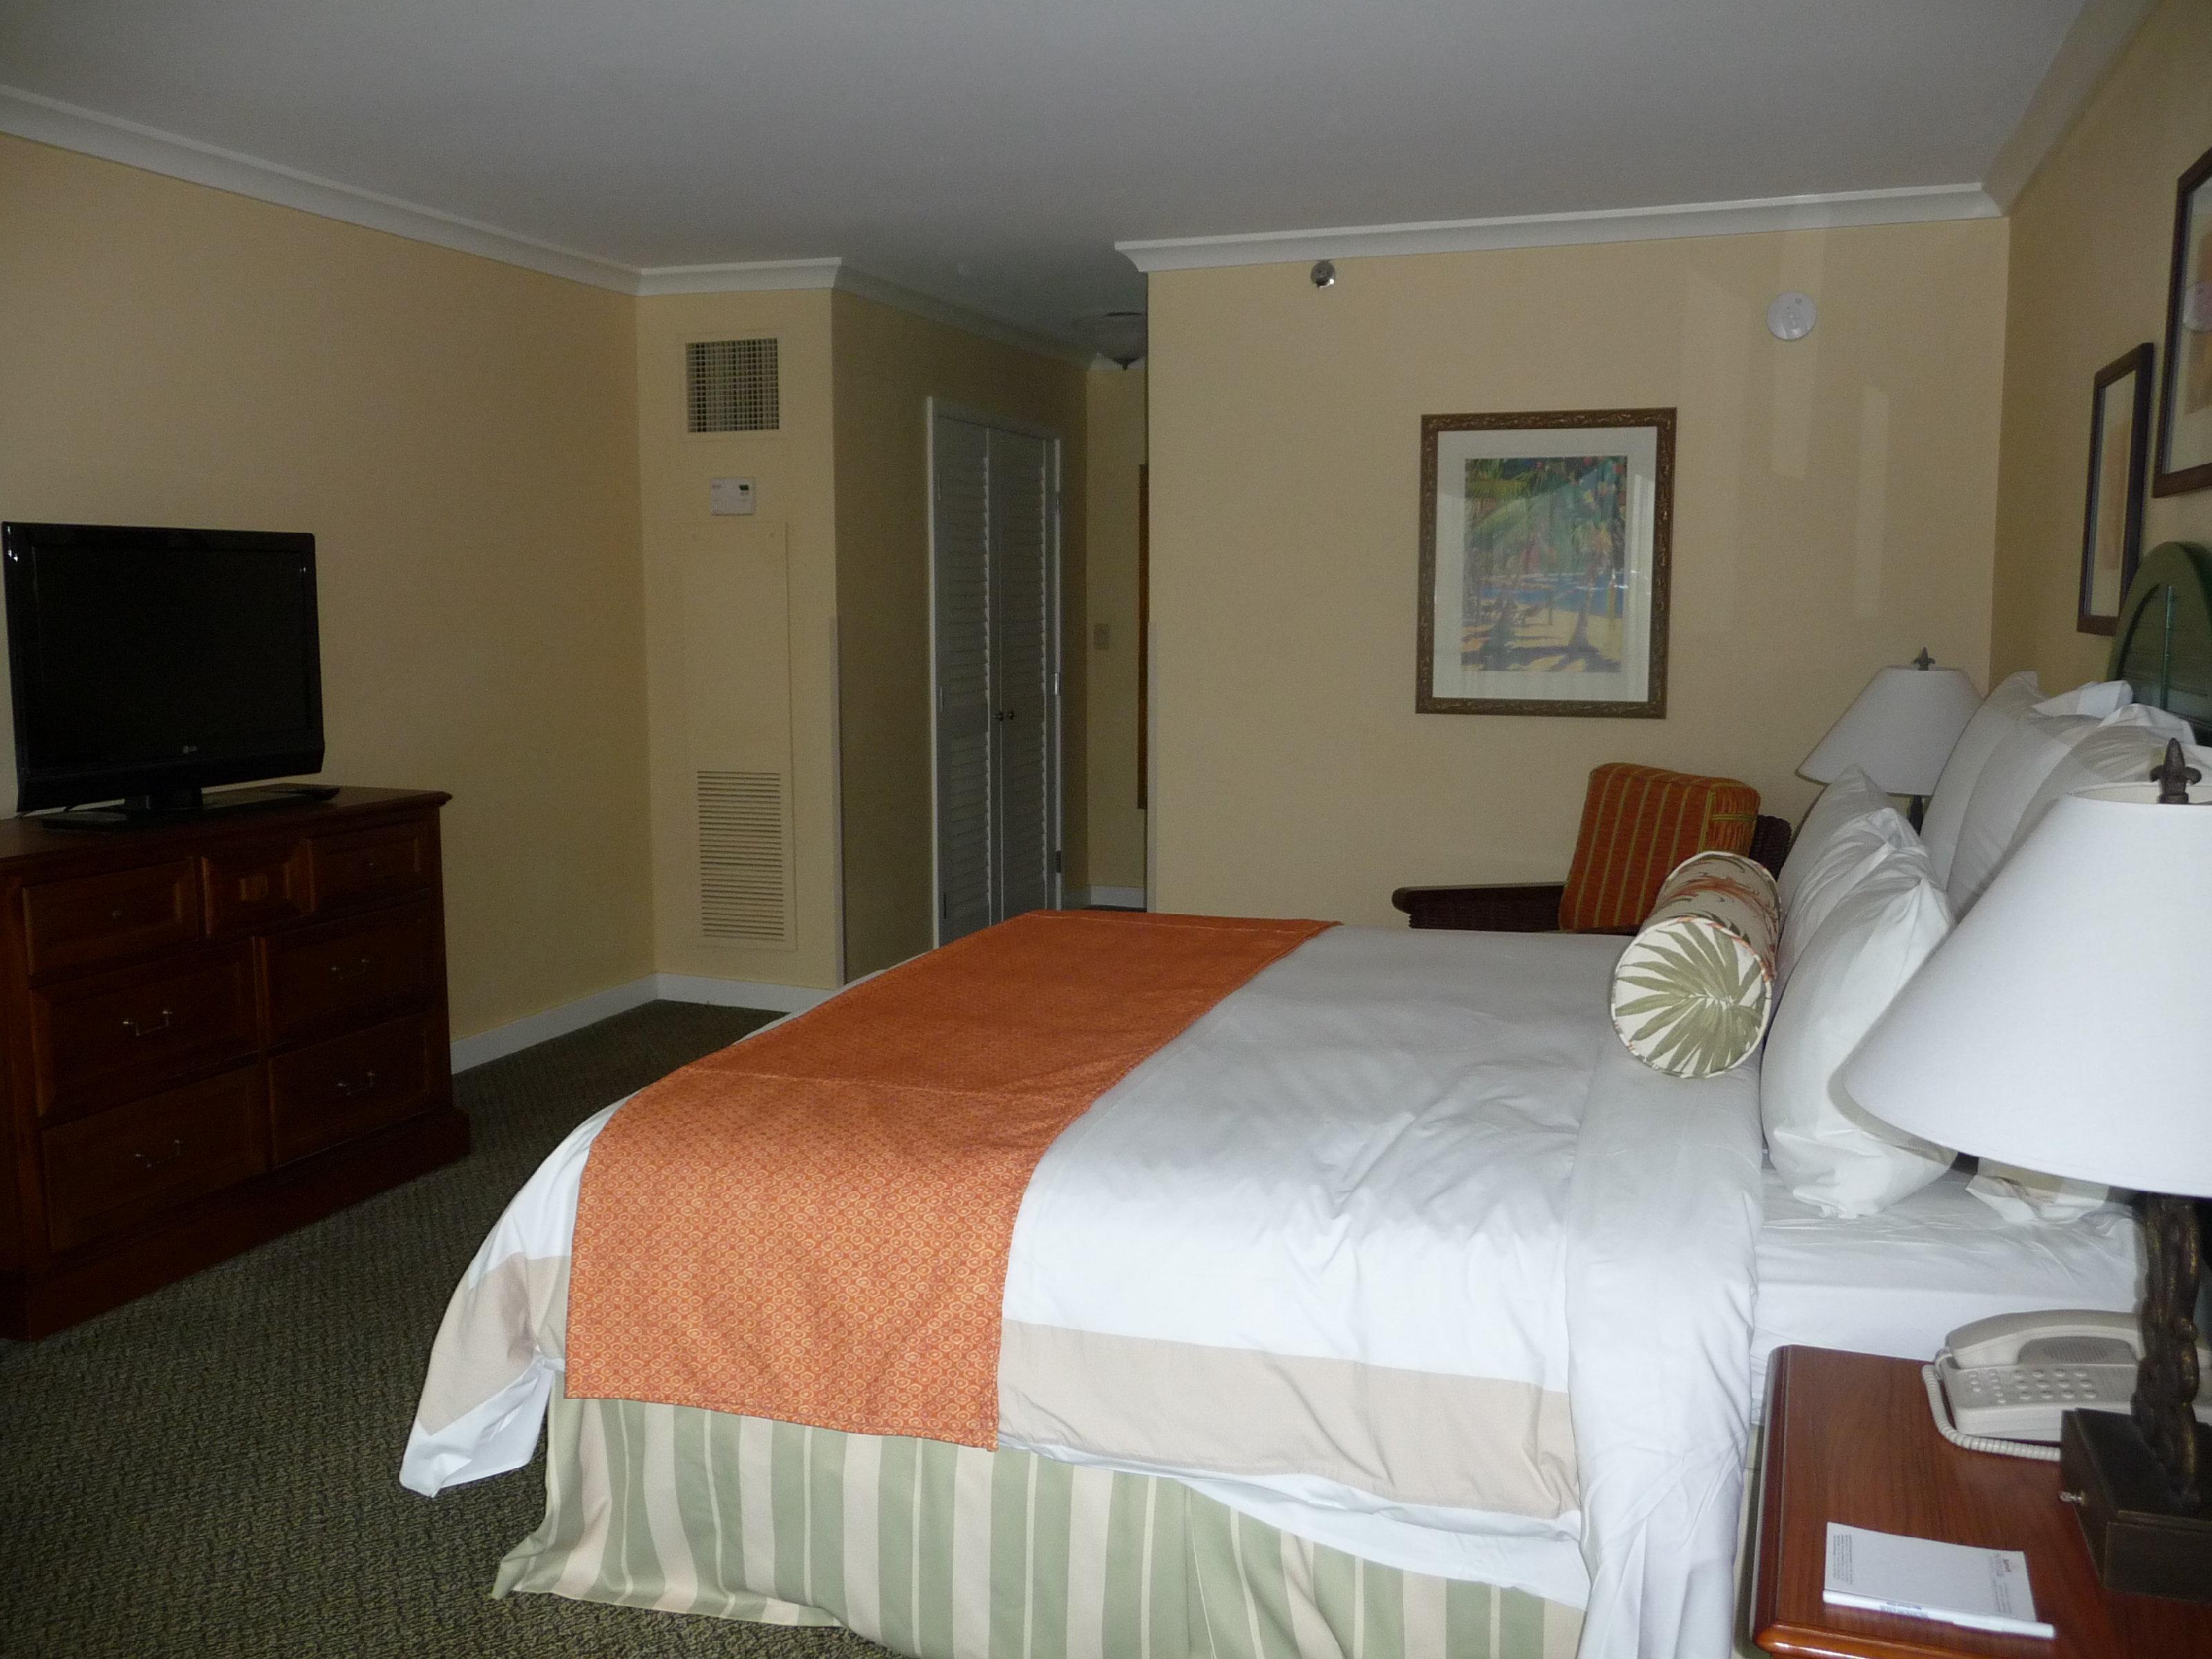 Marriott Maui Ocean Club Master Bedroom 2